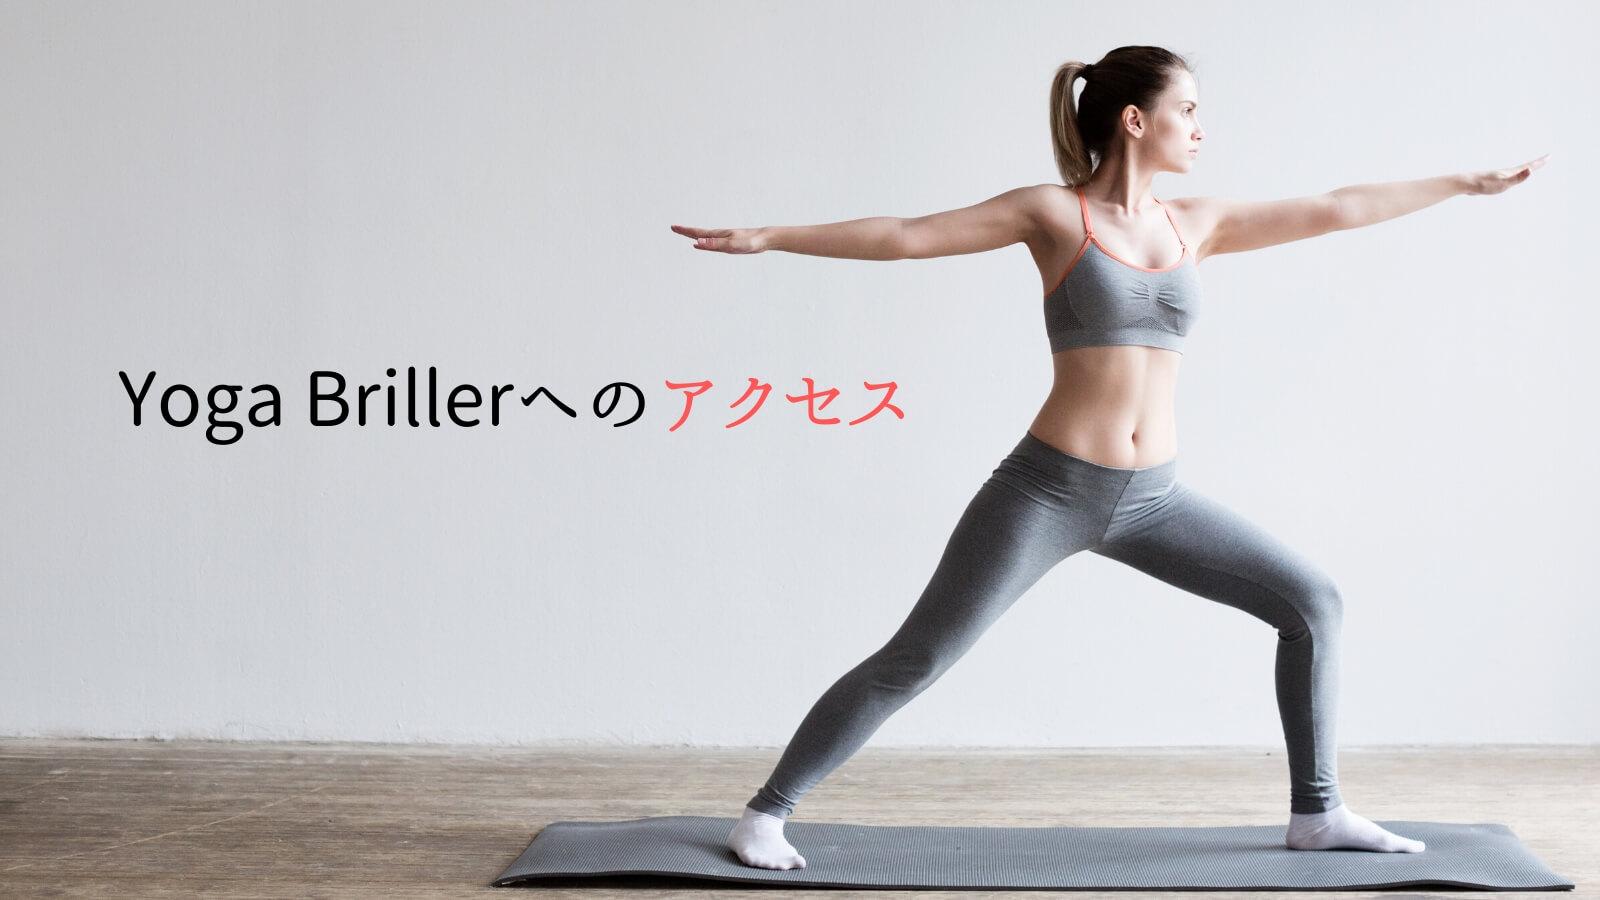 Yoga Brillerへのアクセス